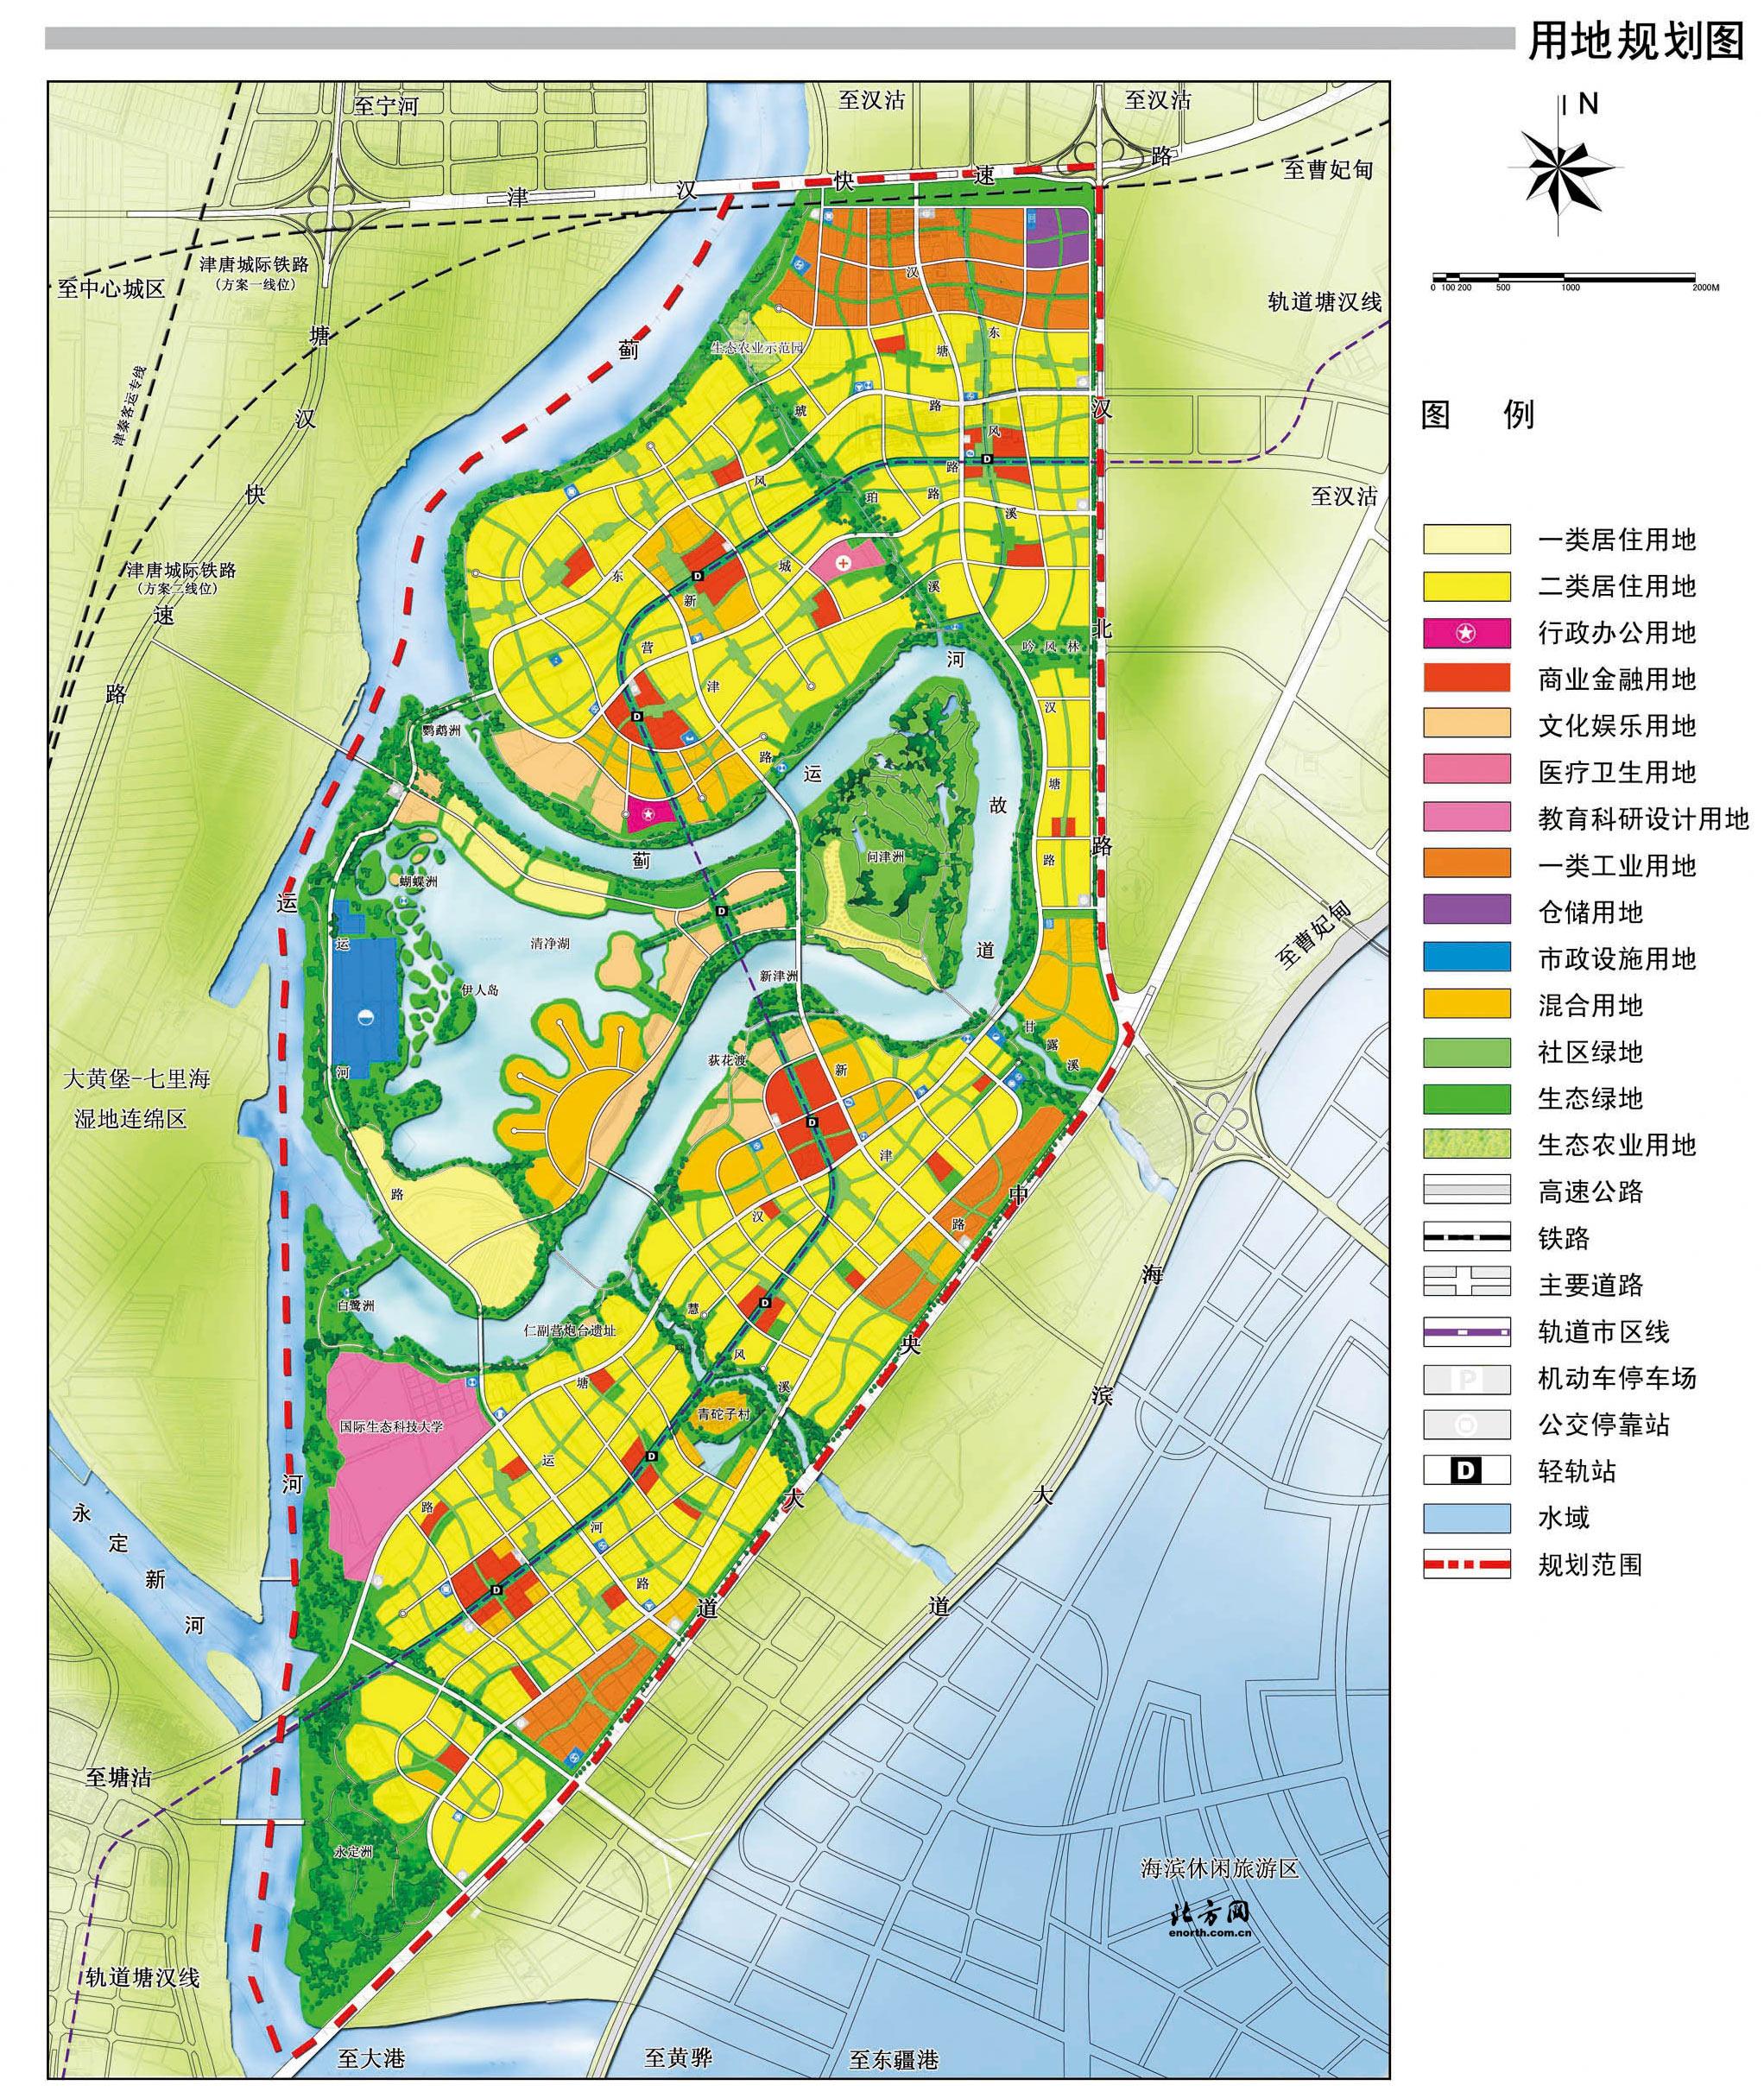 中新生态城总体规划揭开面纱7月正式开工建设